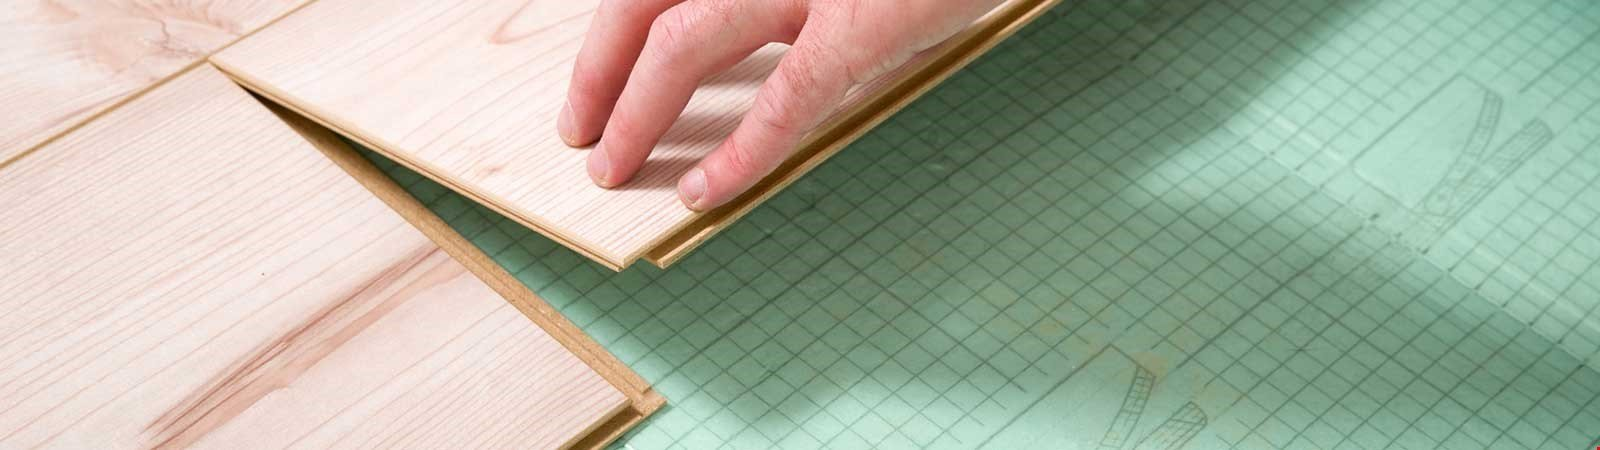 Trittschalldämmung: Passende Lösungen für alle Fußbodenarten